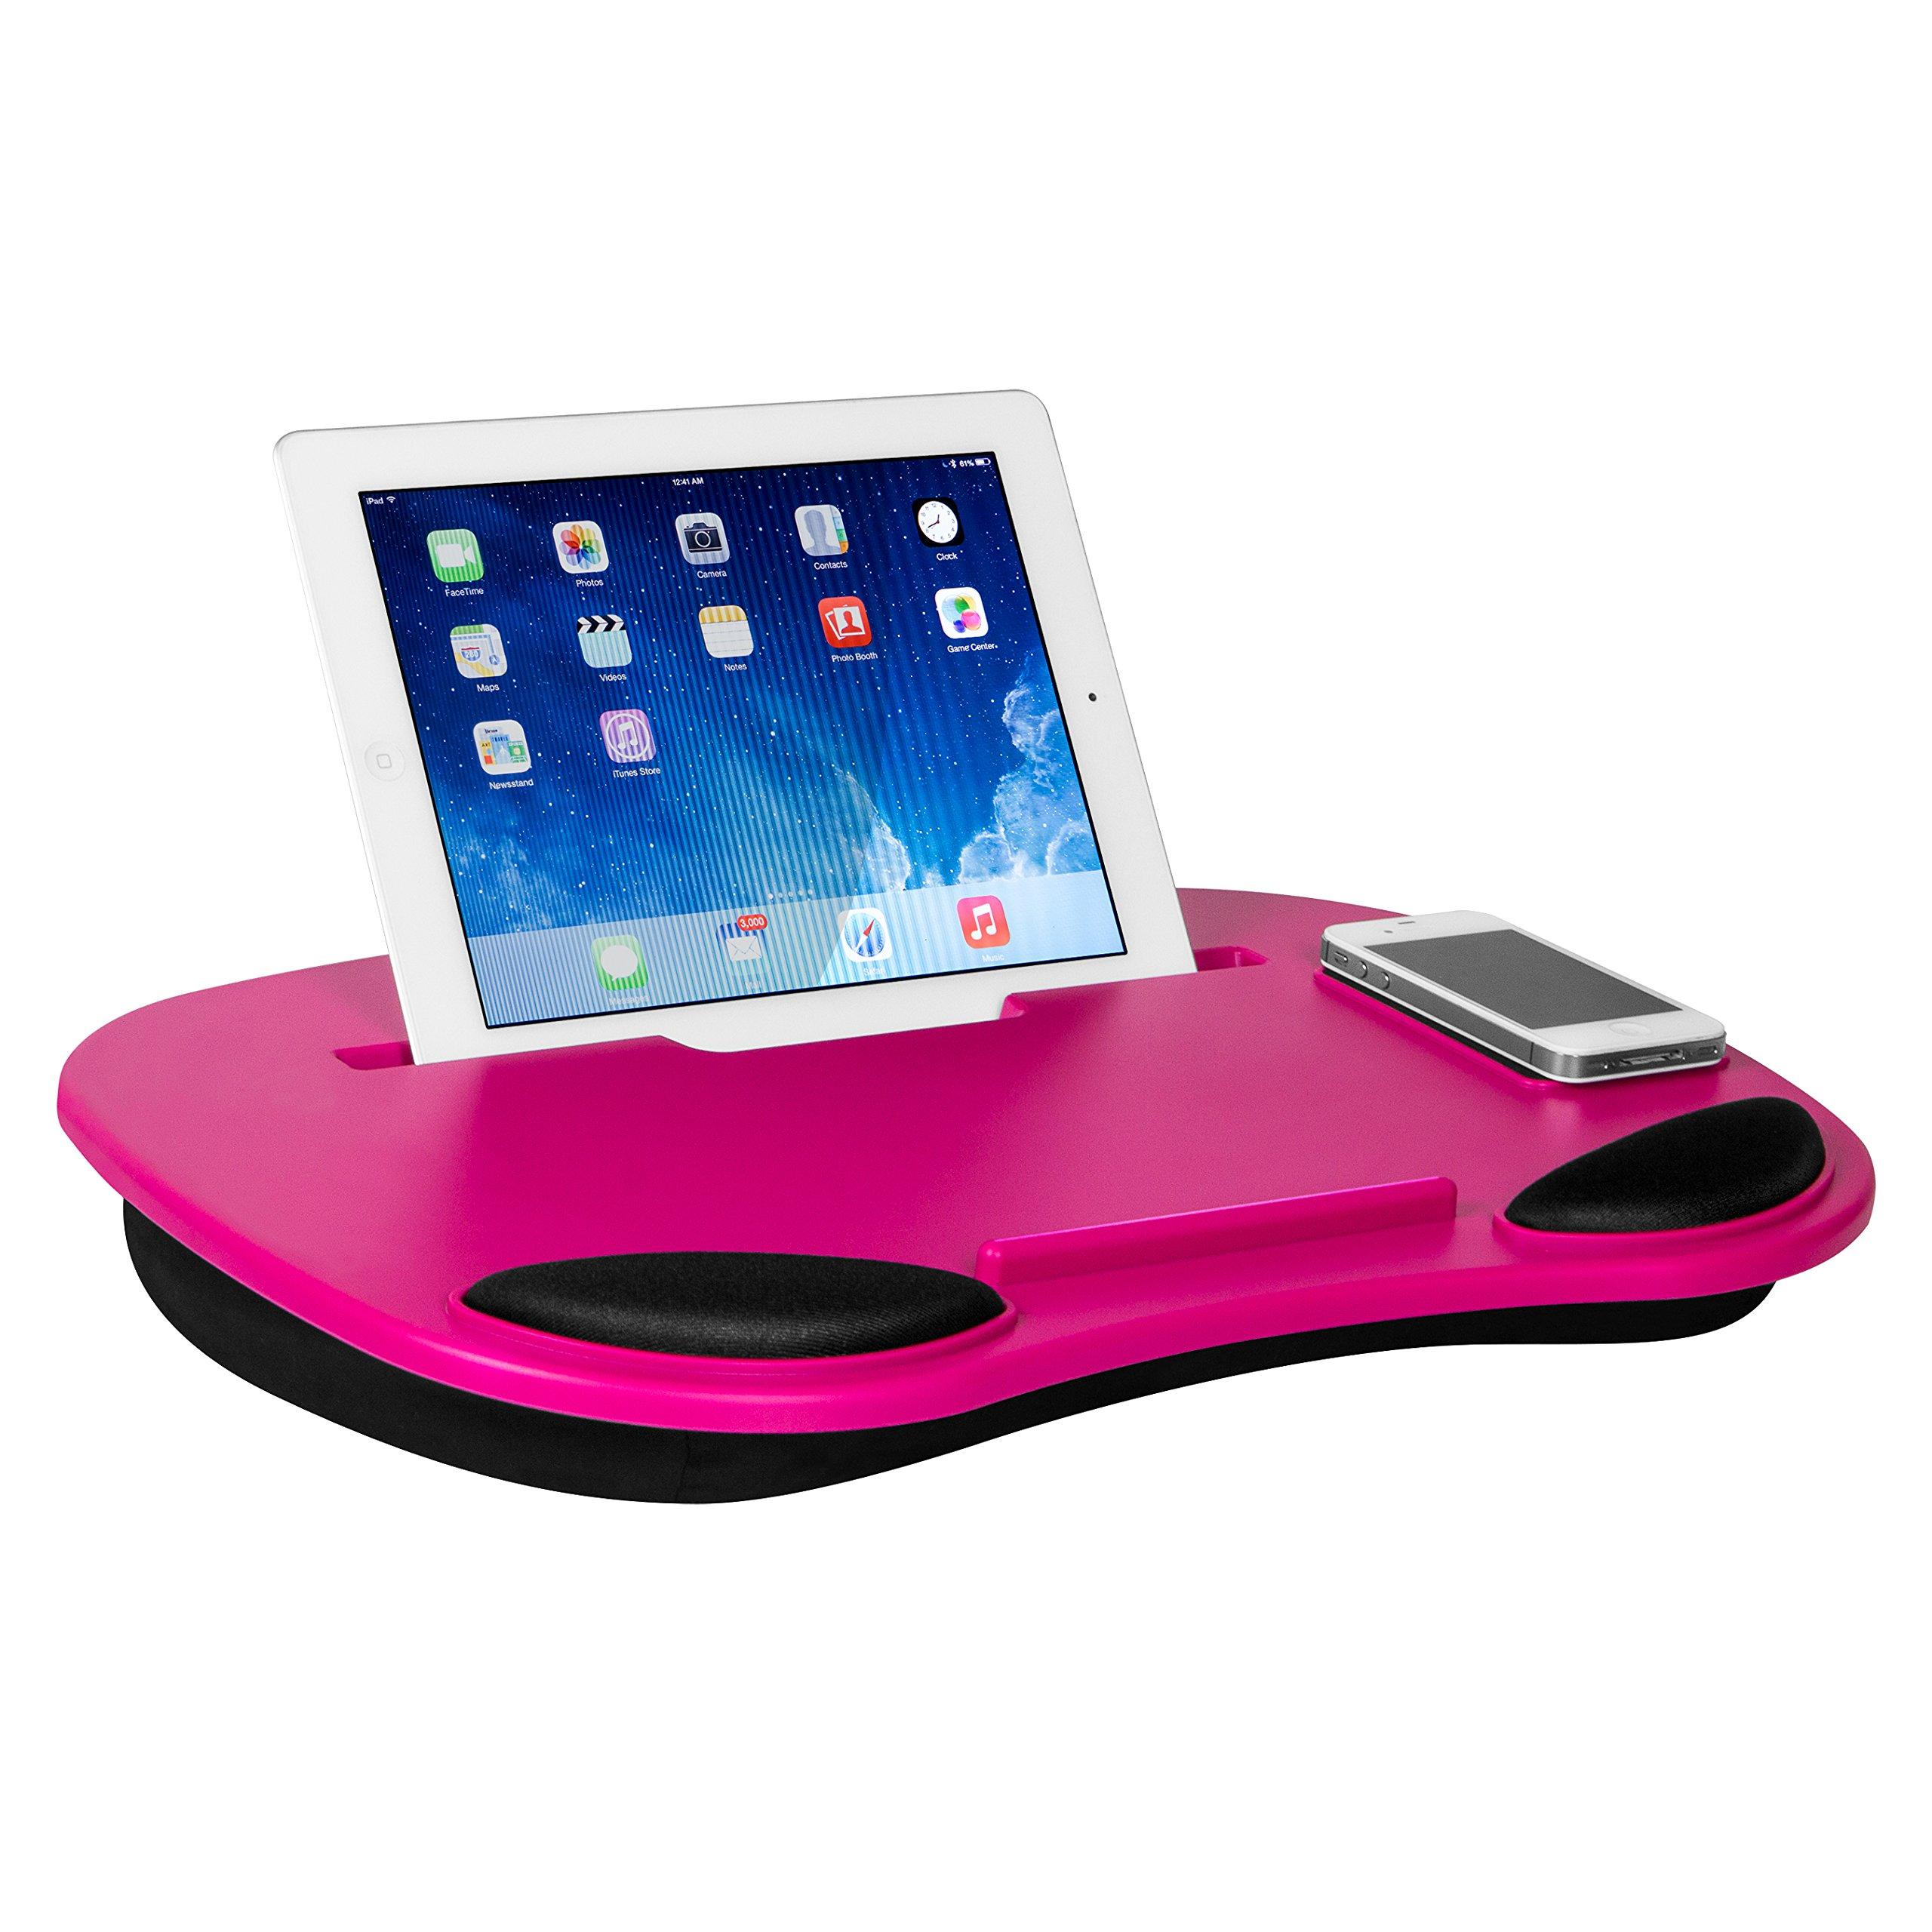 Smart Media Desk Dark Pink Computer and Tablet LapDesk